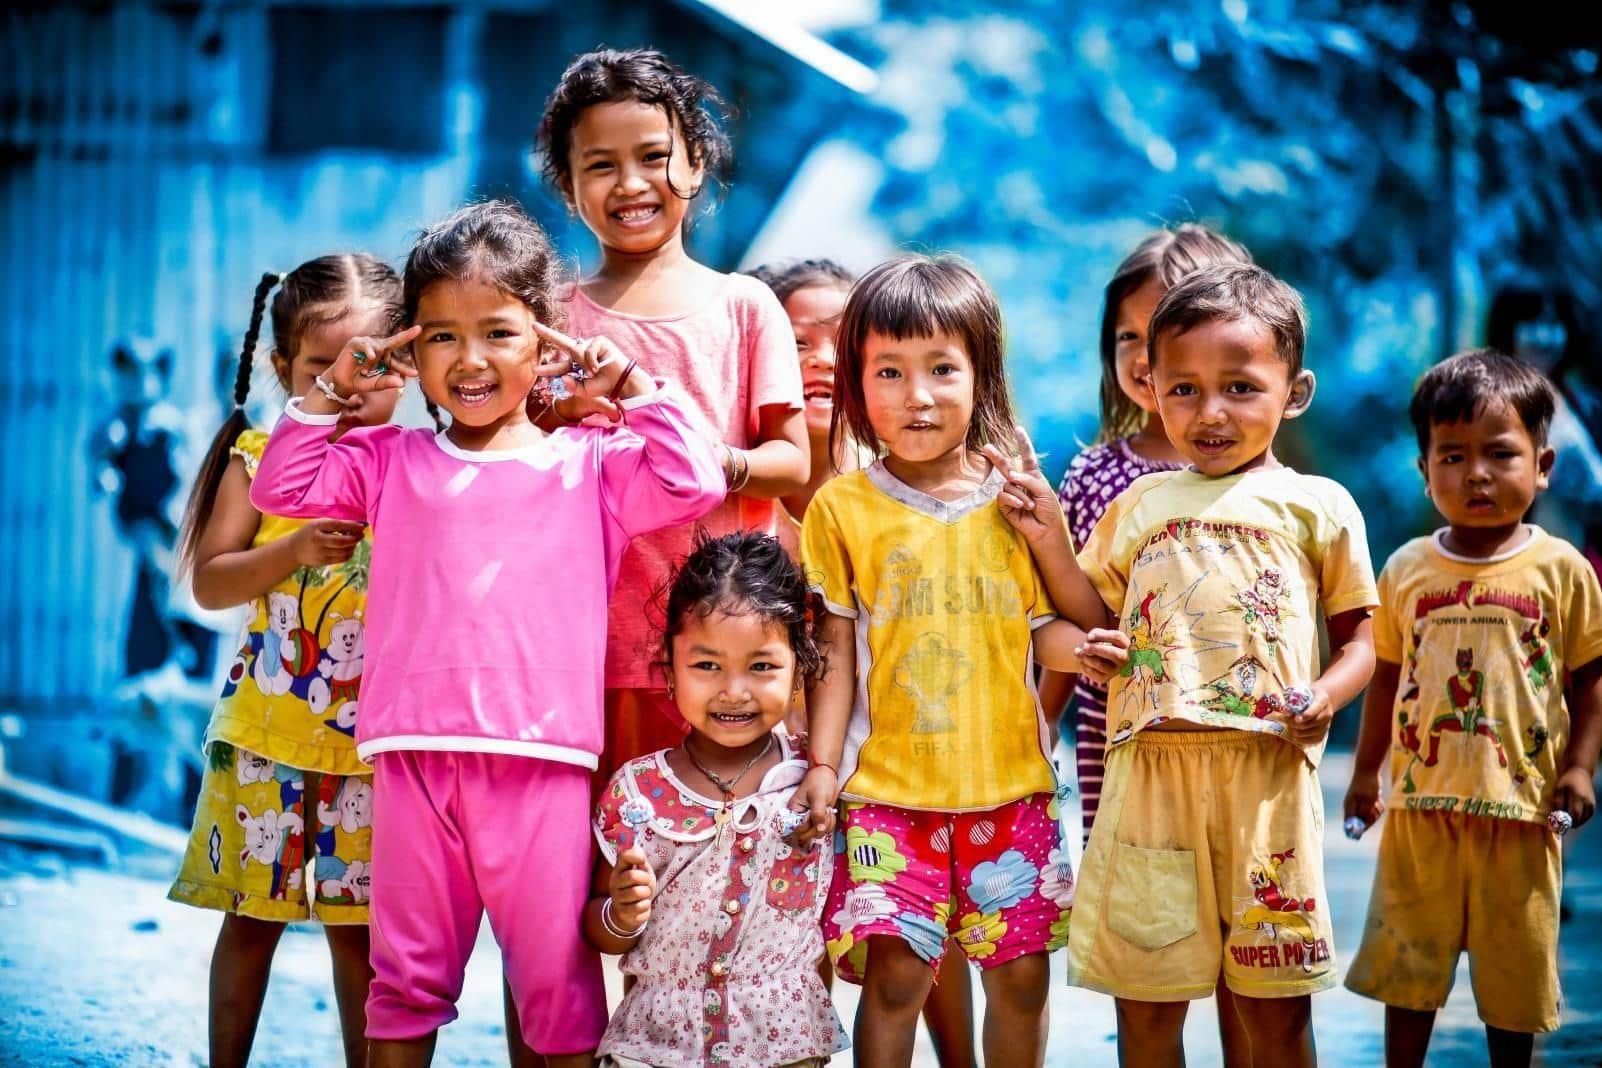 Khu vui chơi trẻ em Hà Nội tốt nhất